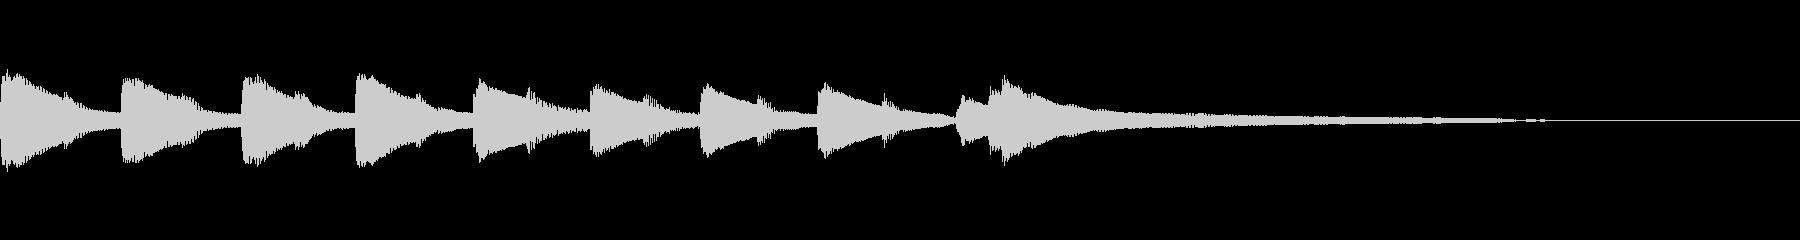 やさしいピアノ・サウンドロゴ5の未再生の波形